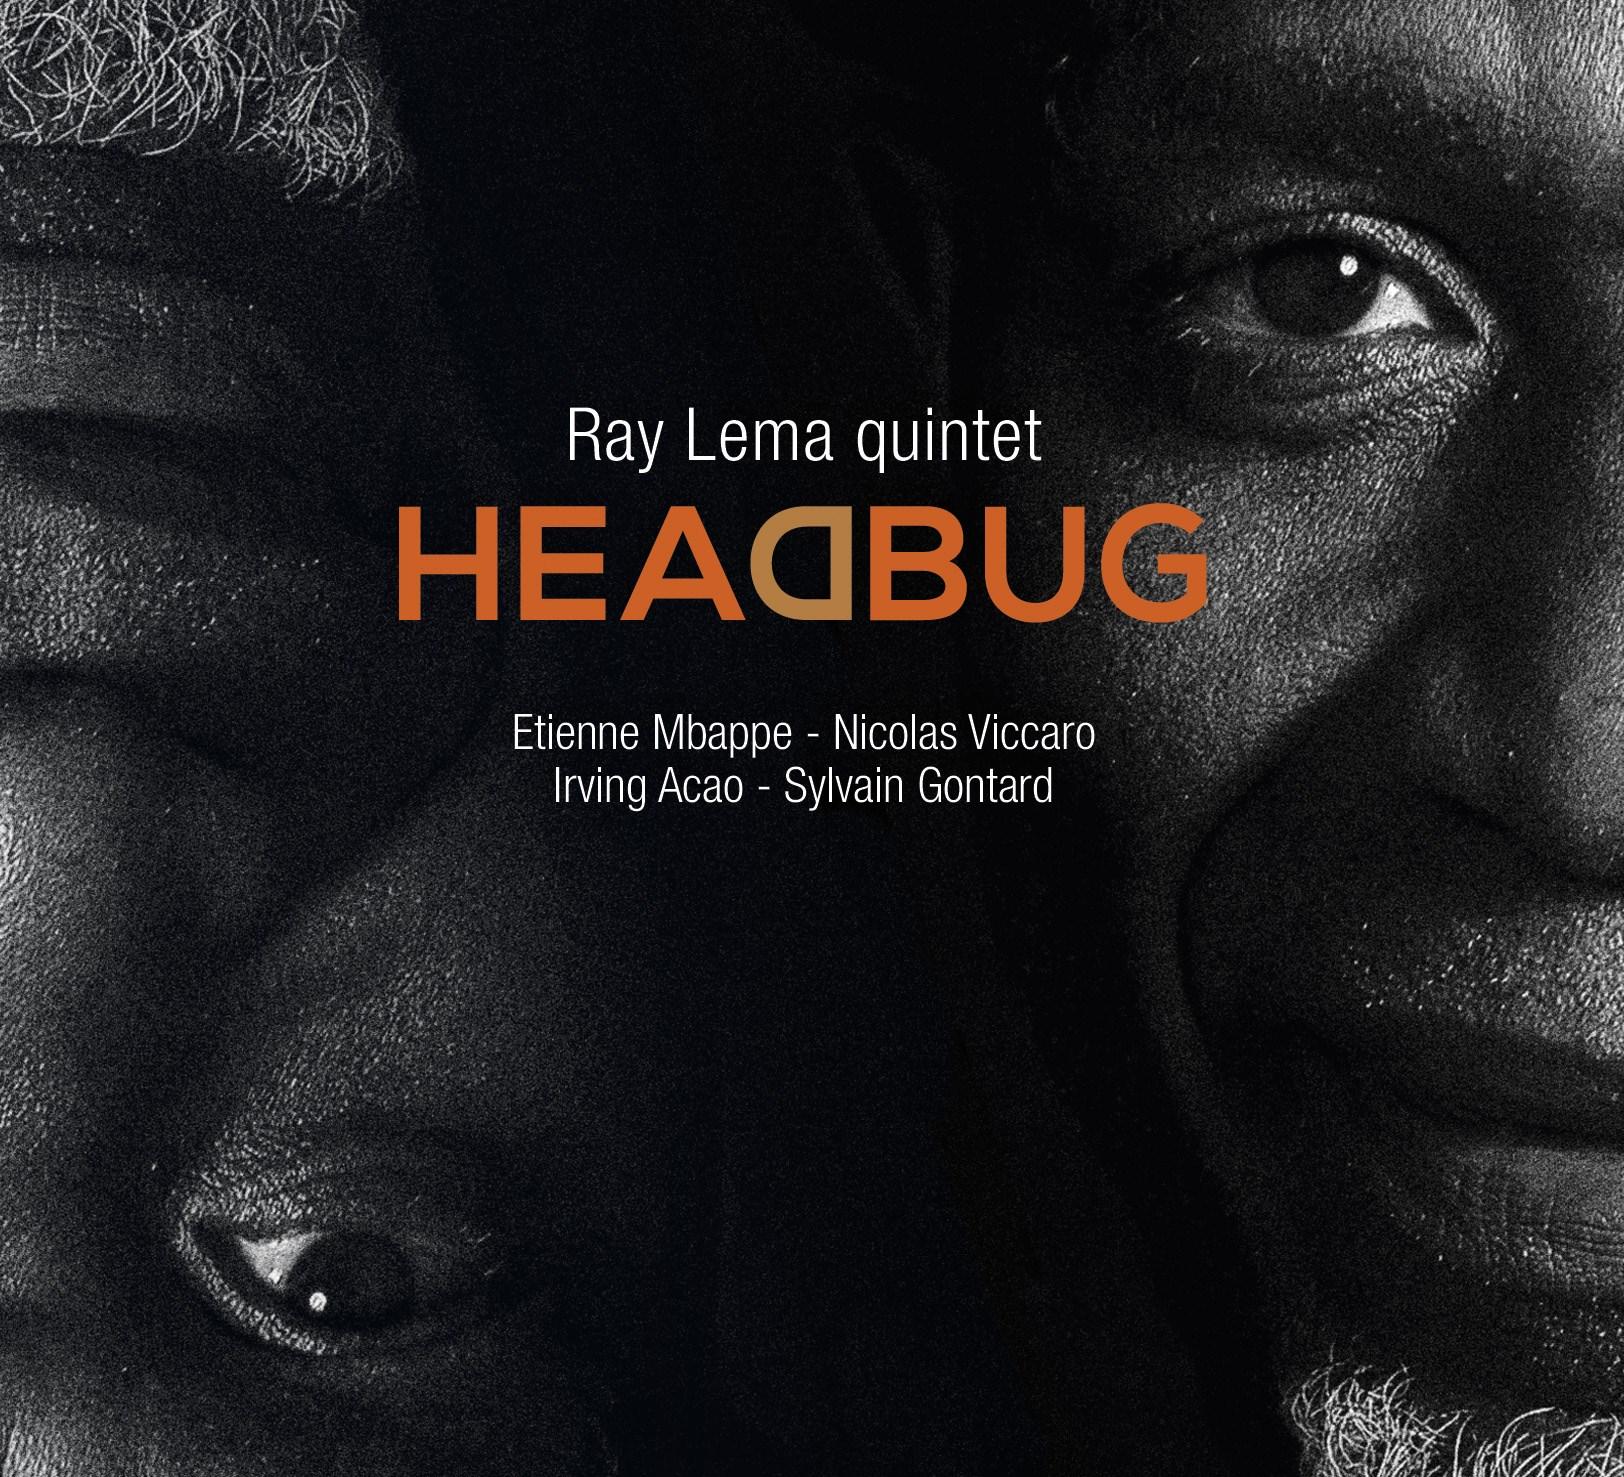 Headbug, un jazz groovant et frais par son africanité.